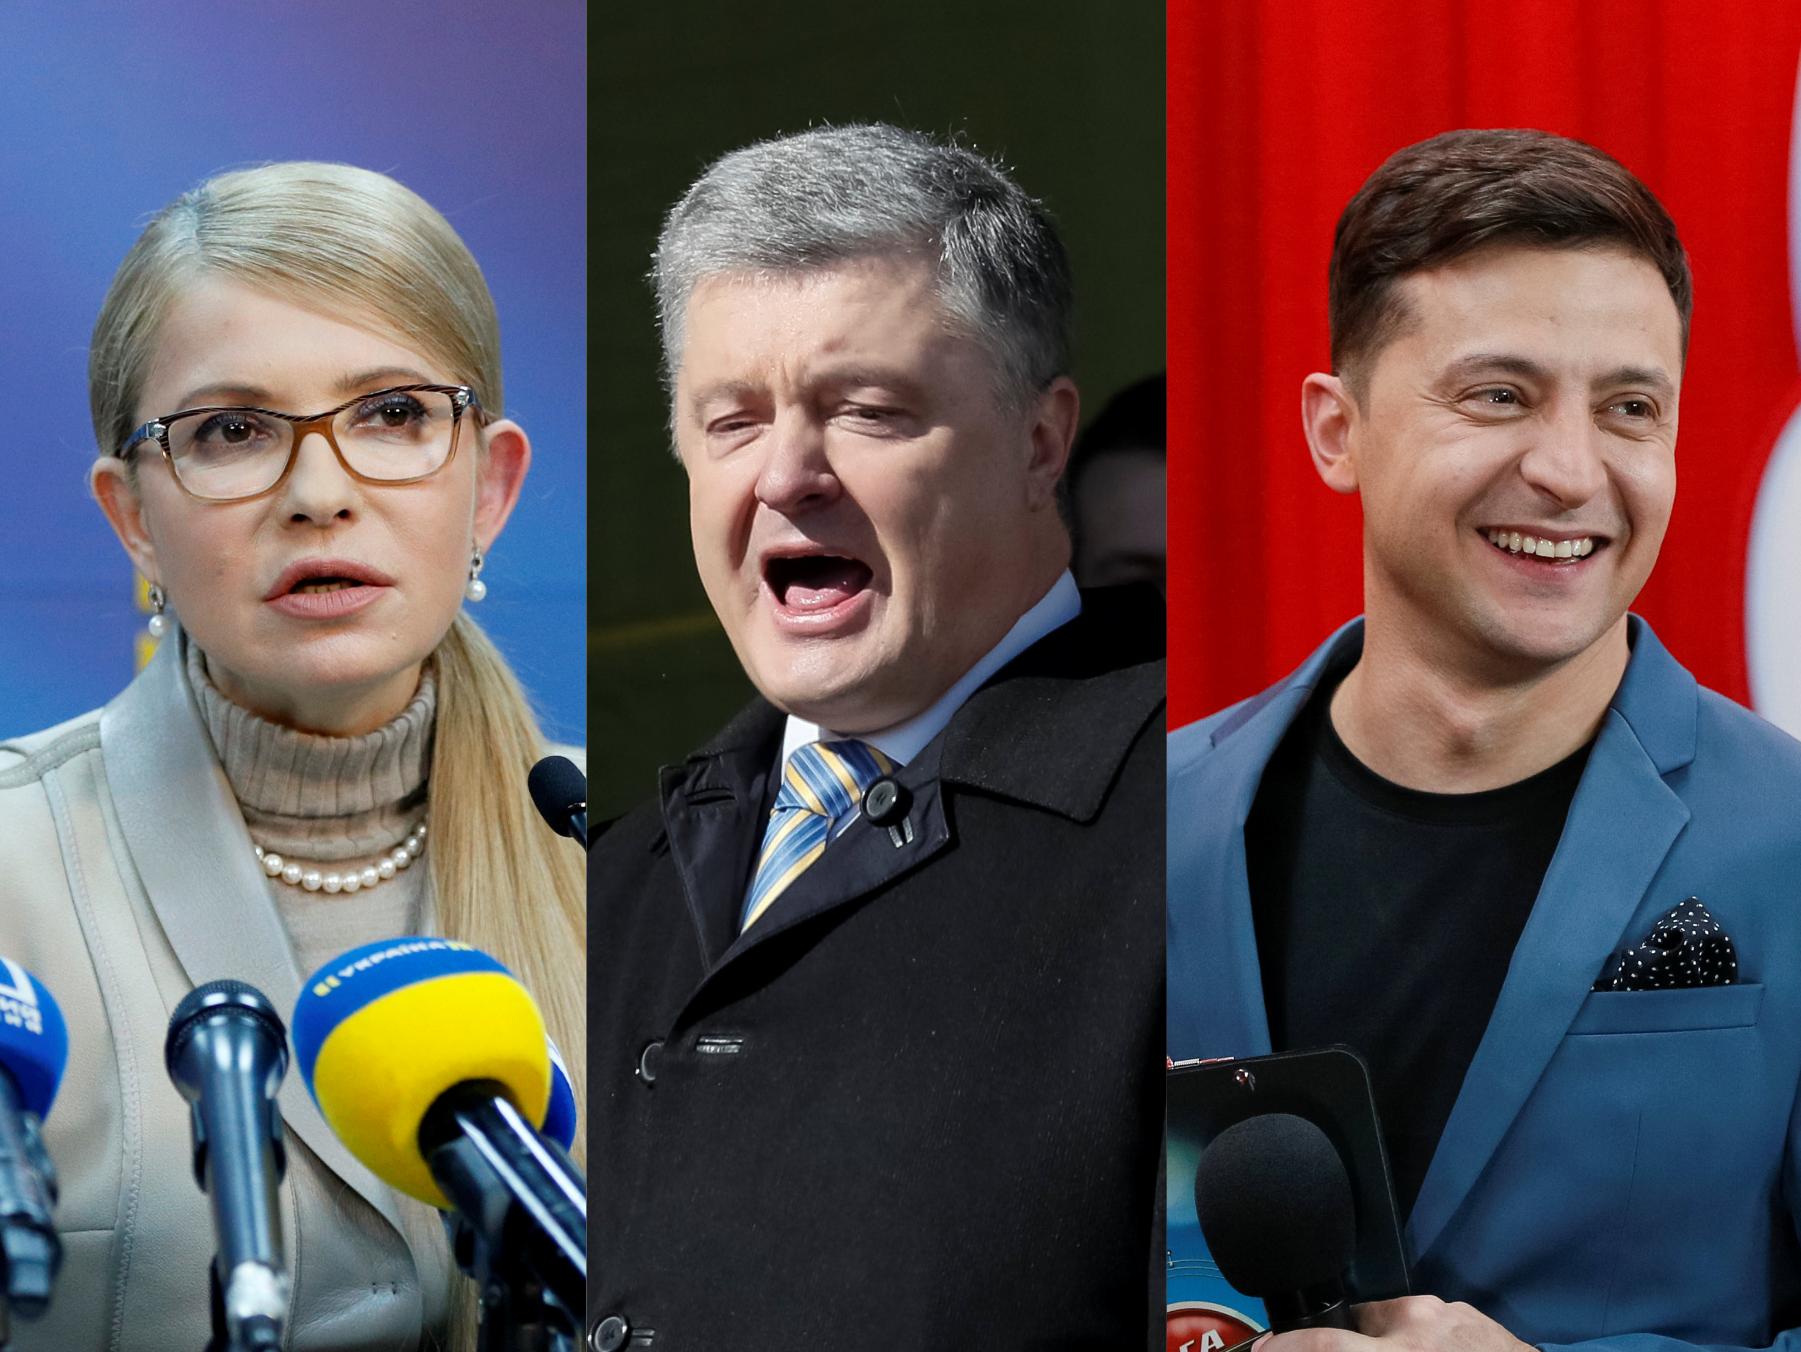 A vezető képen Julia Vologyimirivnya Tyimosenko volt ukrán miniszterelnök, Petro Porosenko Ukrajna jelenlegi elnöke, és Vologyimir Zelenszkij színész, komédiás és producer a jelenlegi elnökválasztás fő esélyese láthtó. Kollázs, rozhlas.cz.